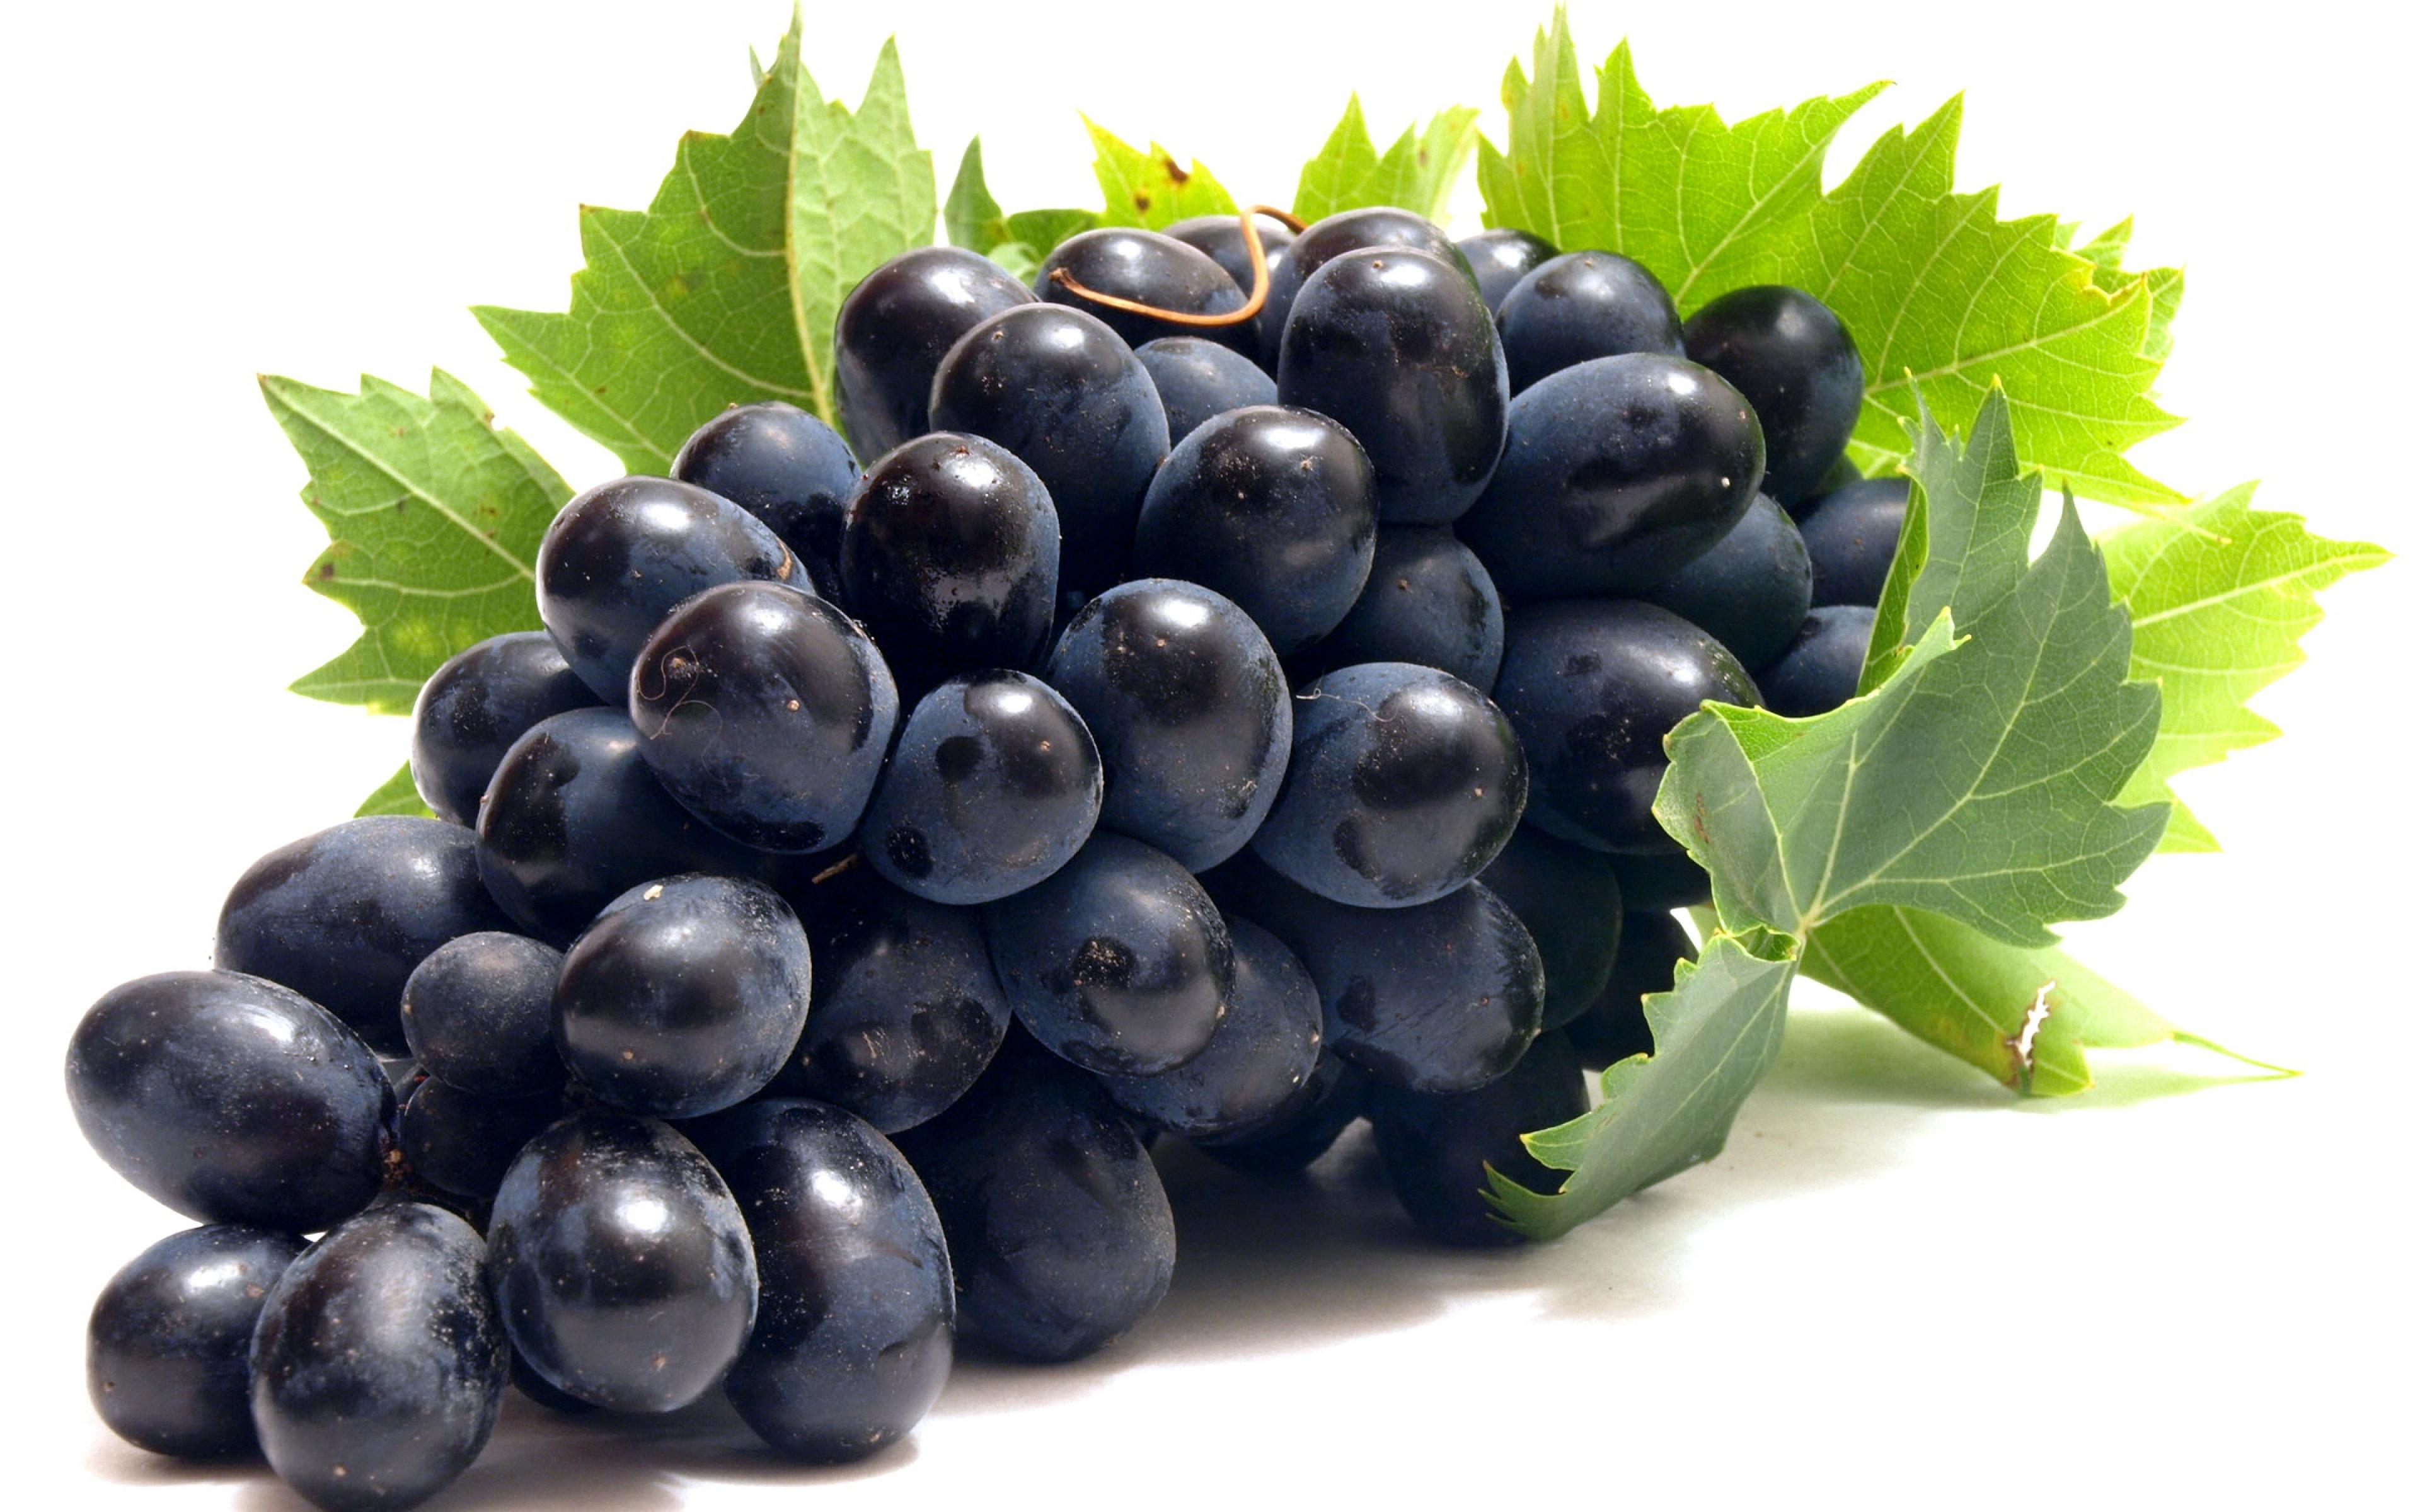 sognare uva